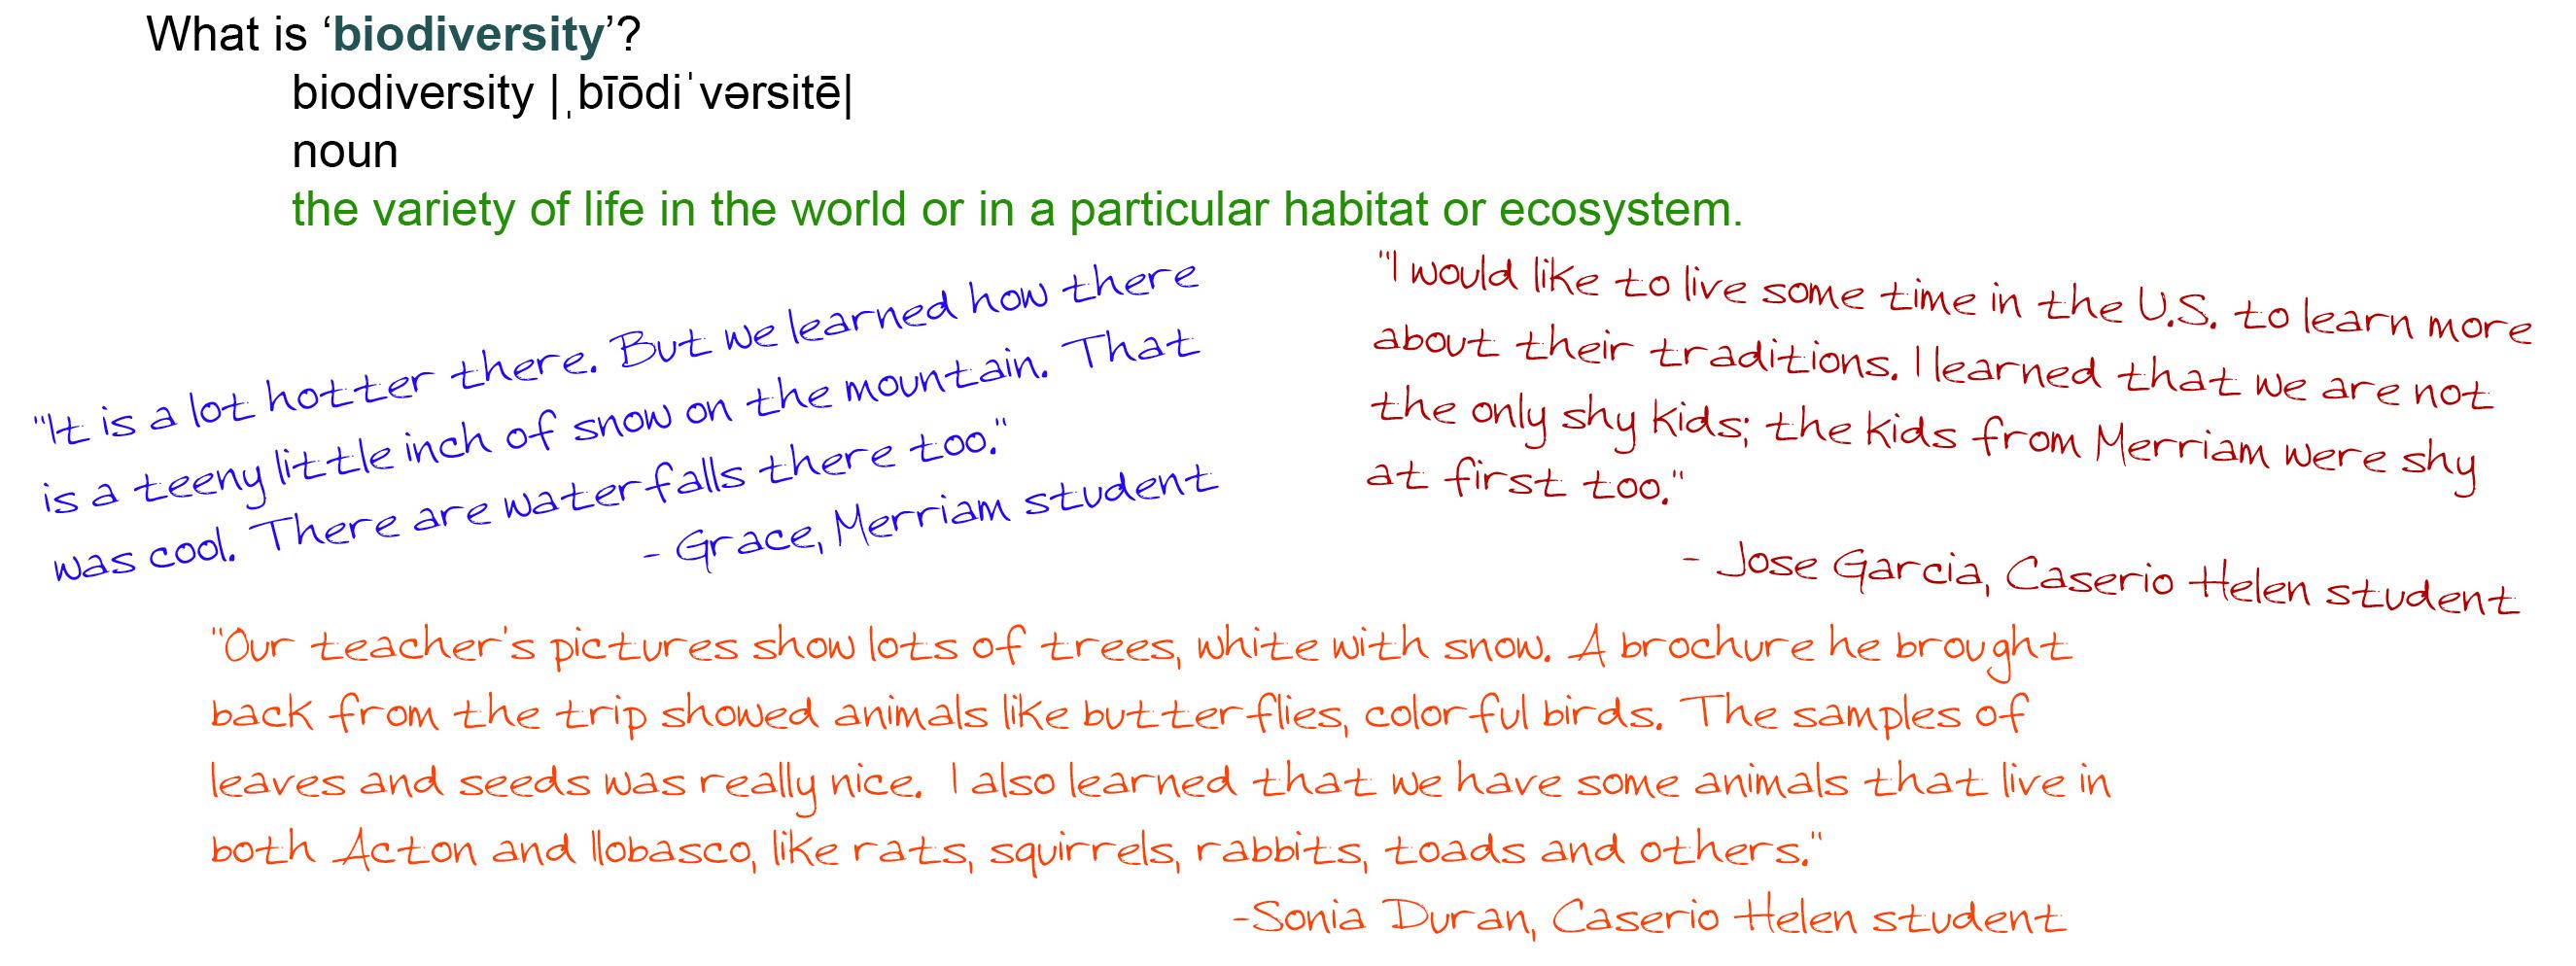 Biodiversity quote #1